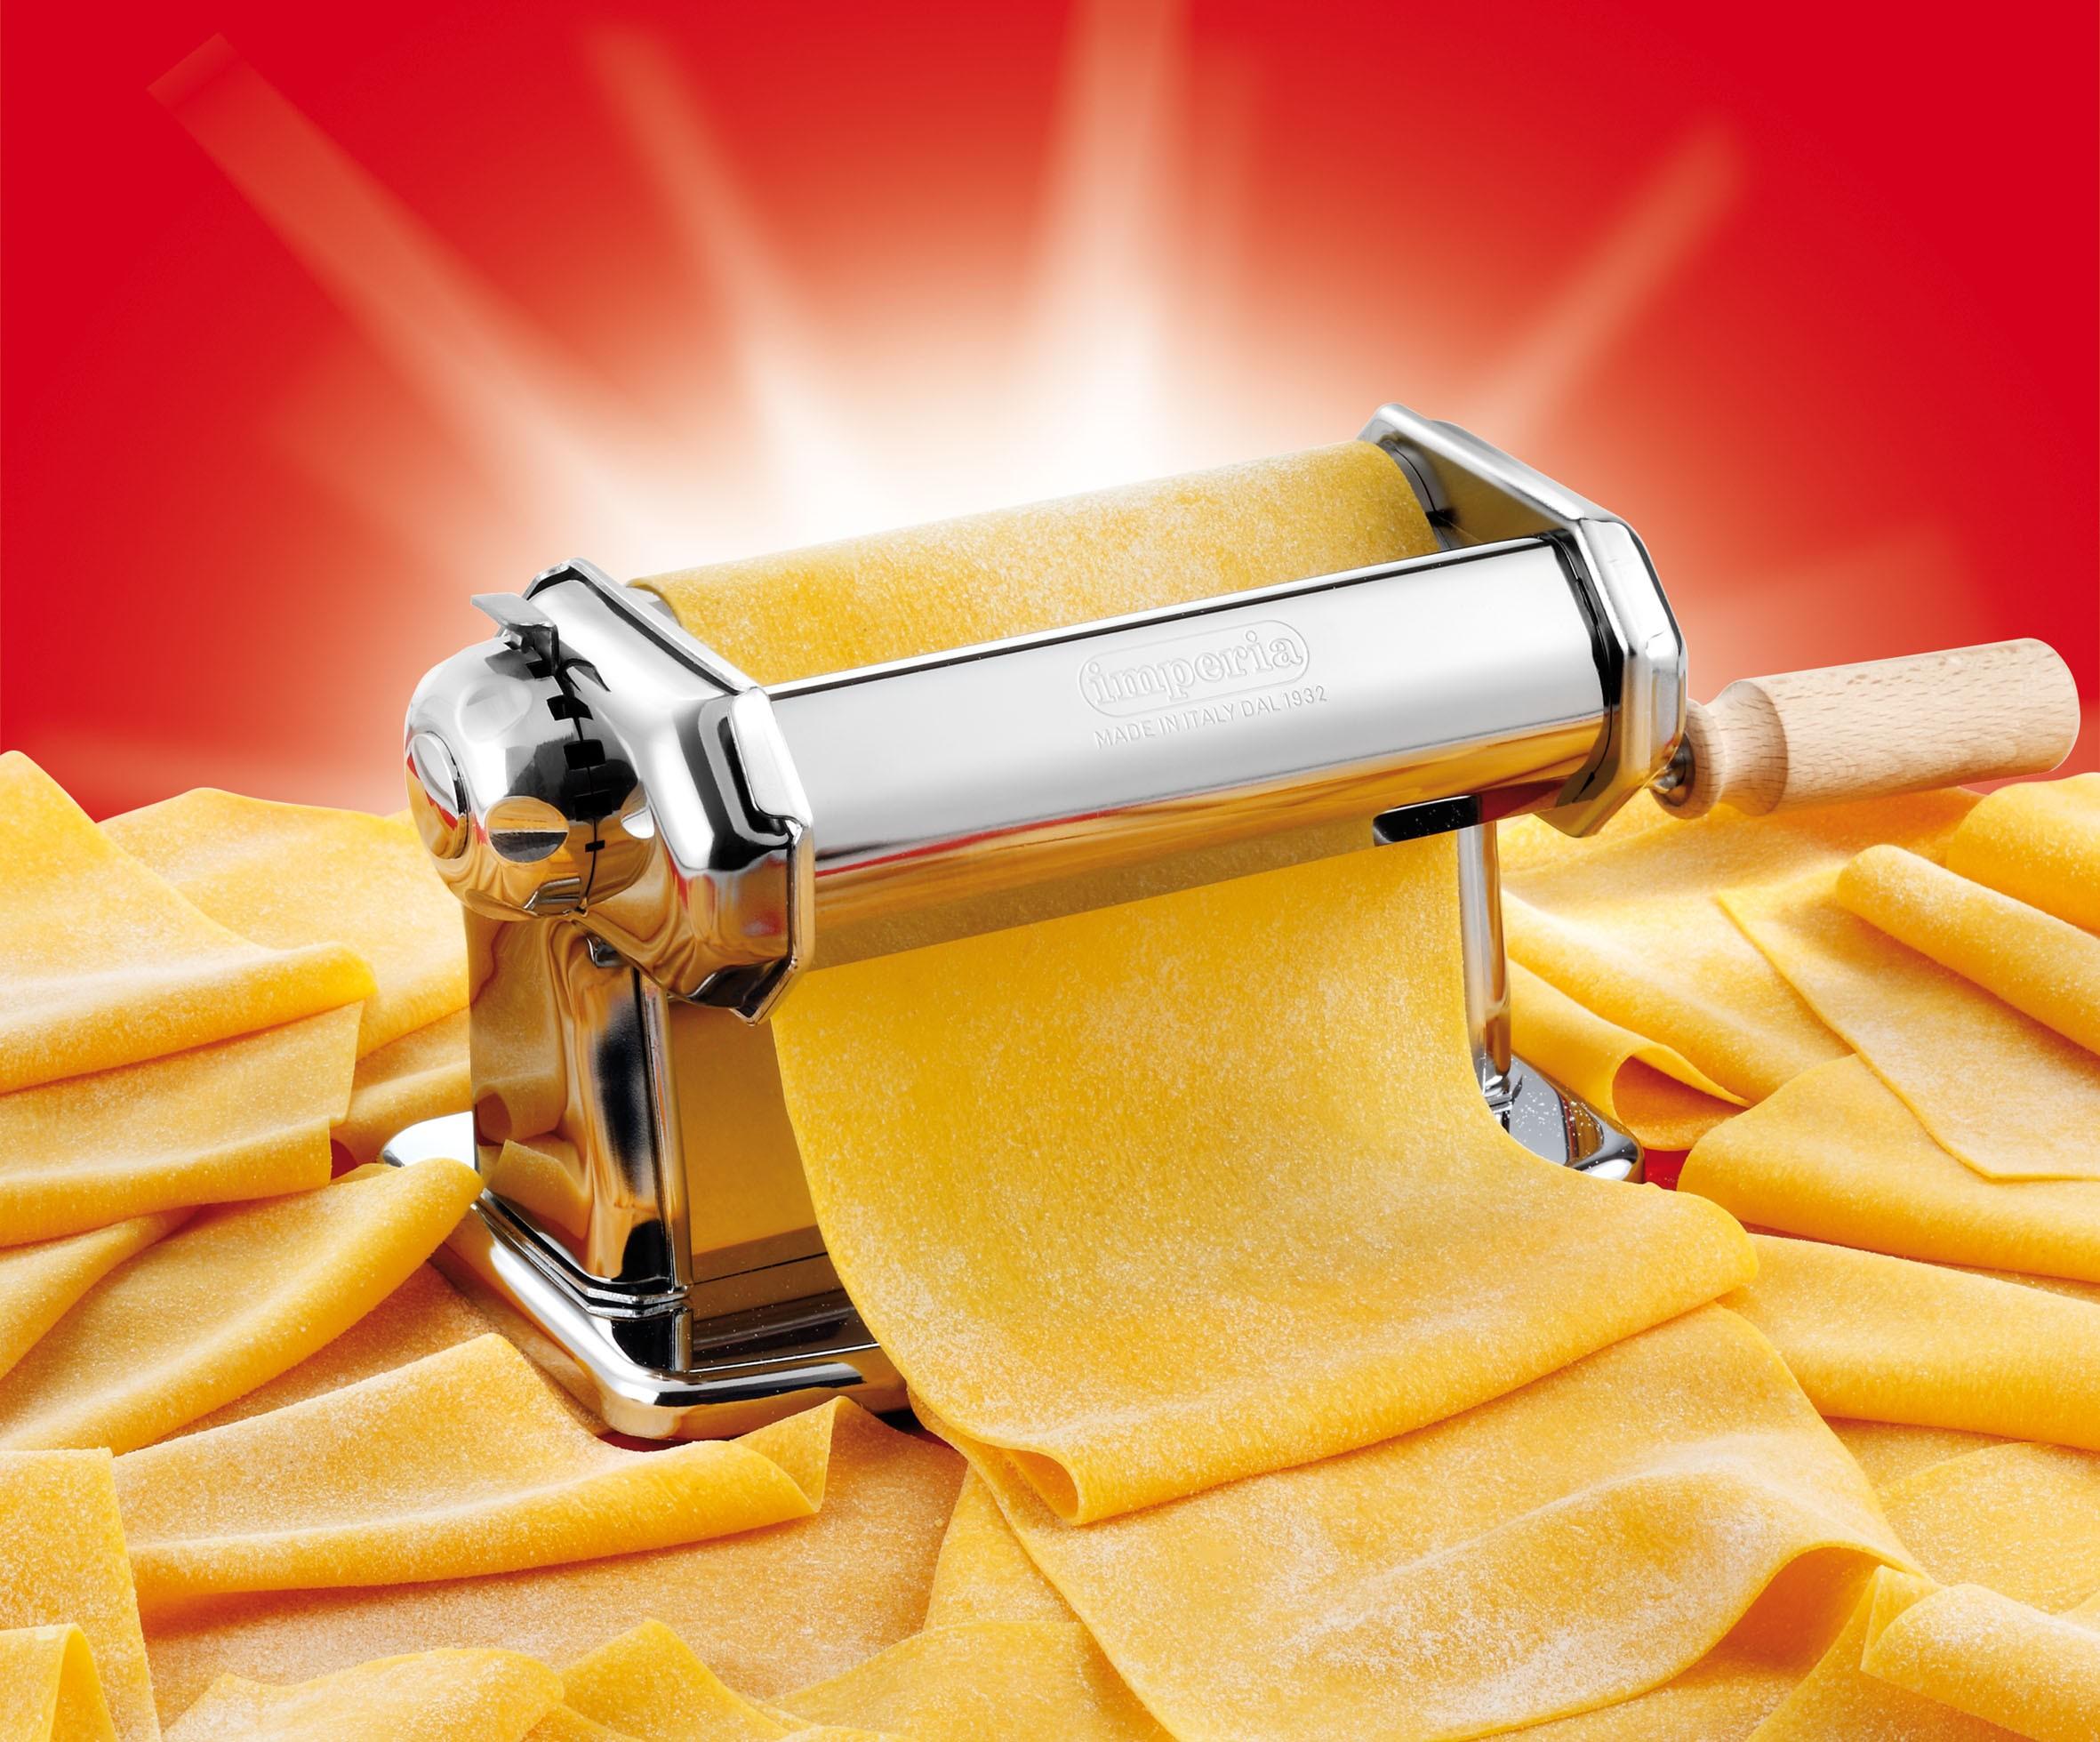 Μηχανή Φύλλου Μονή Imperia home   εργαλεια κουζινας   εργαλεία ζύμης   ζυμαρικών